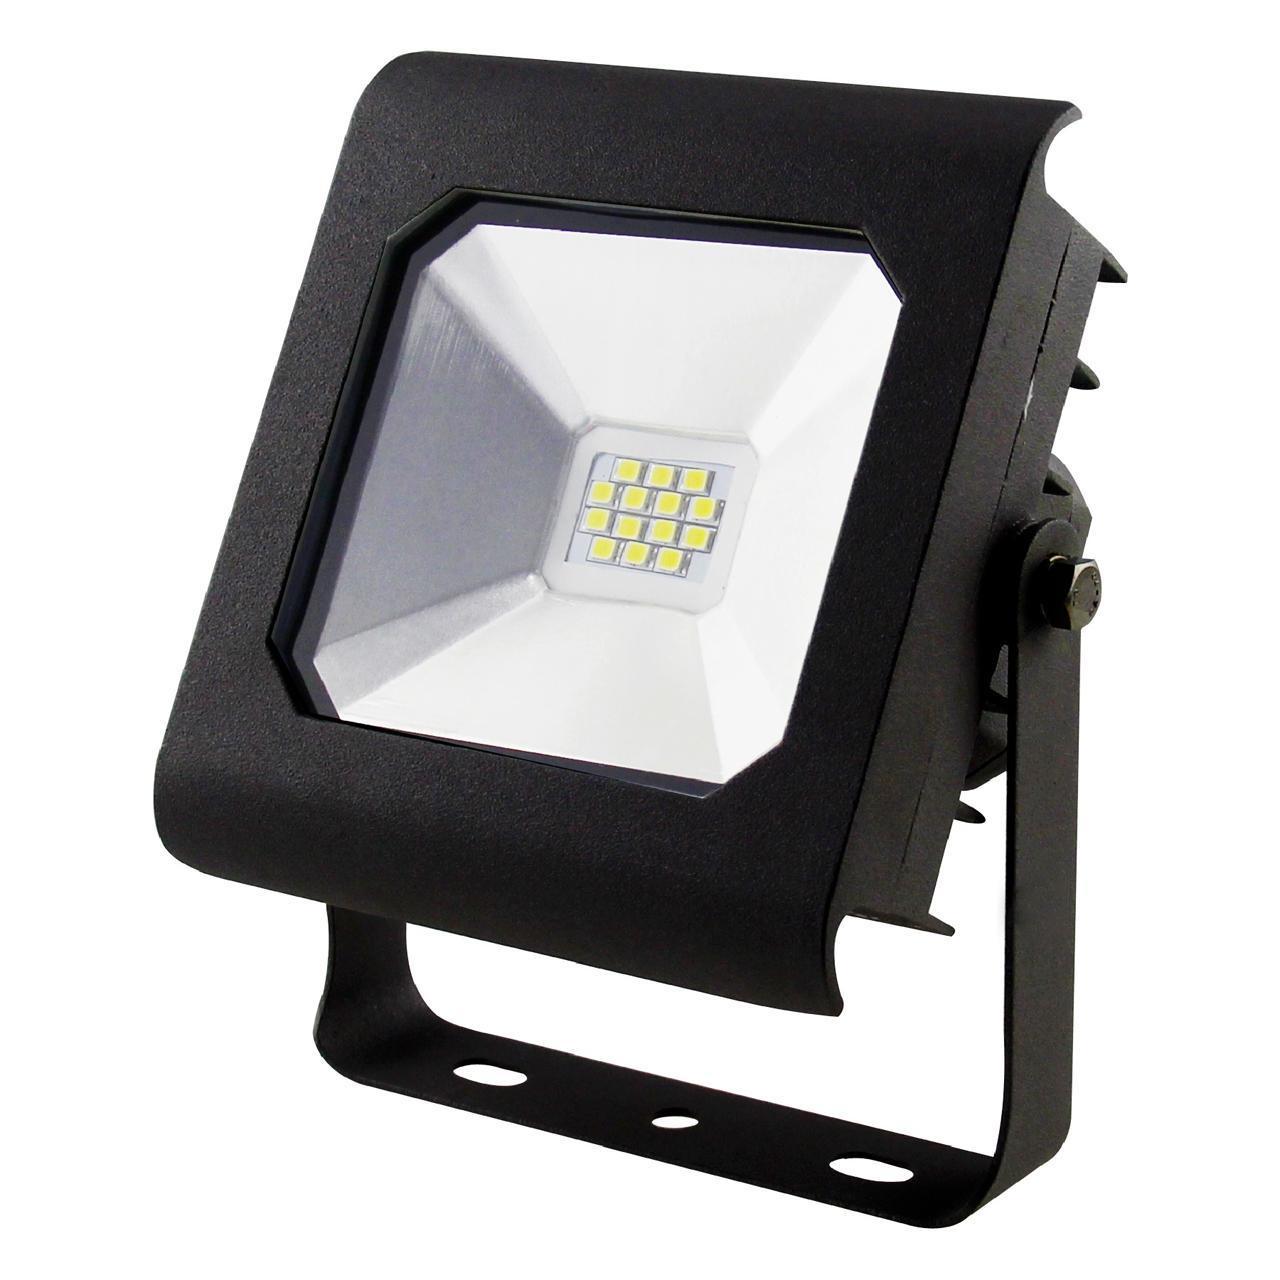 Прожектор Эра LPR-10-4000K-M SMD PRO, 10 Вт прожектор эра 30 вт